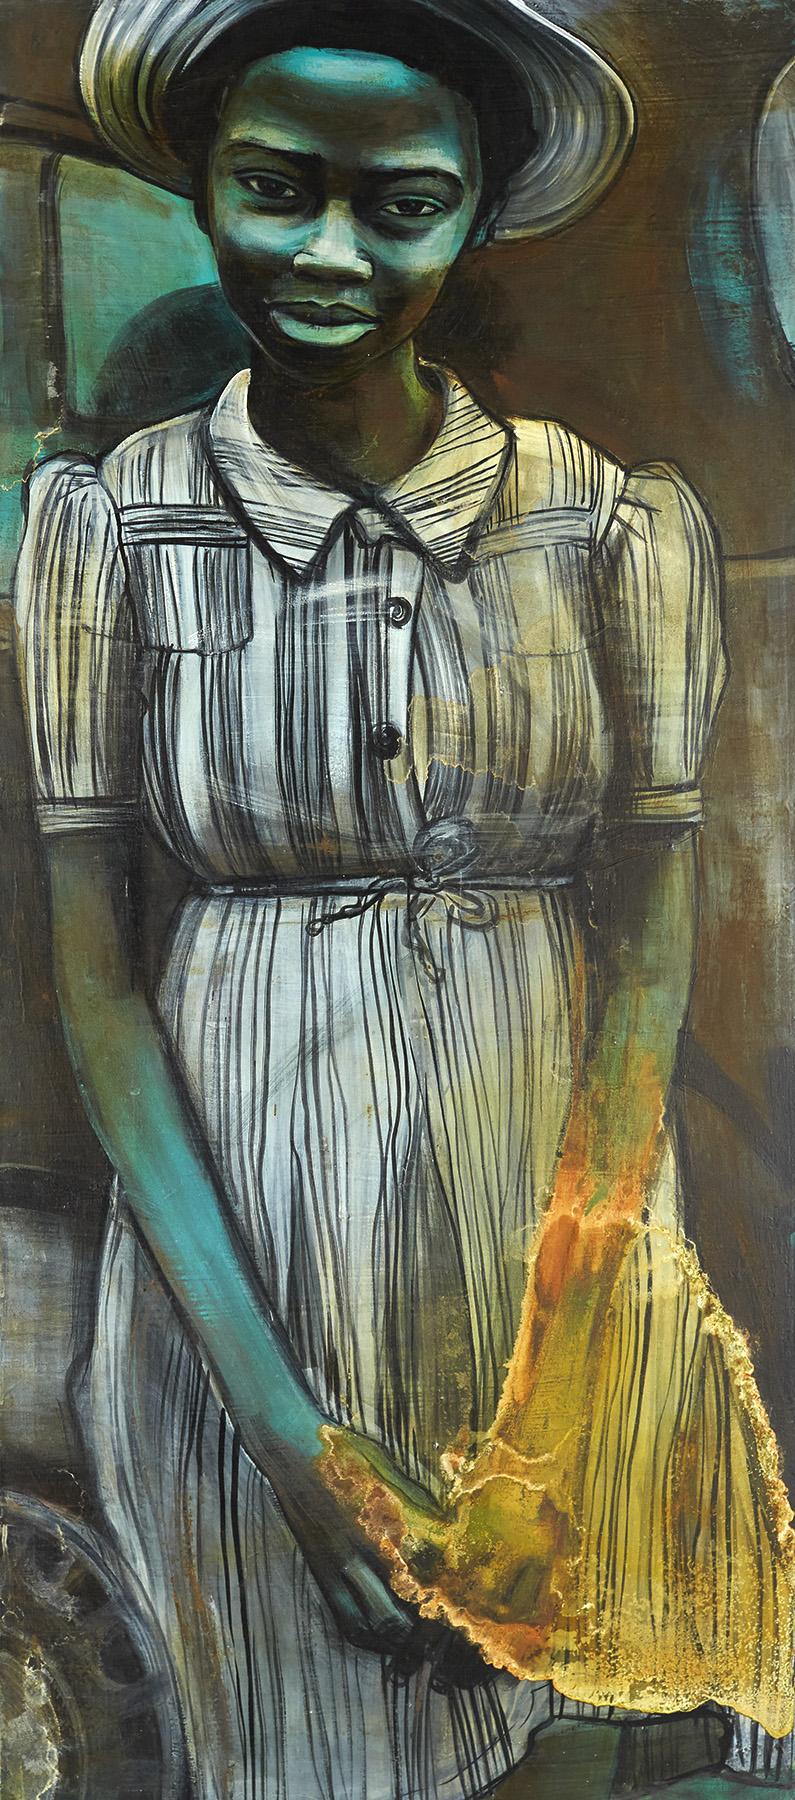 Girl in Striped Dress, 2014